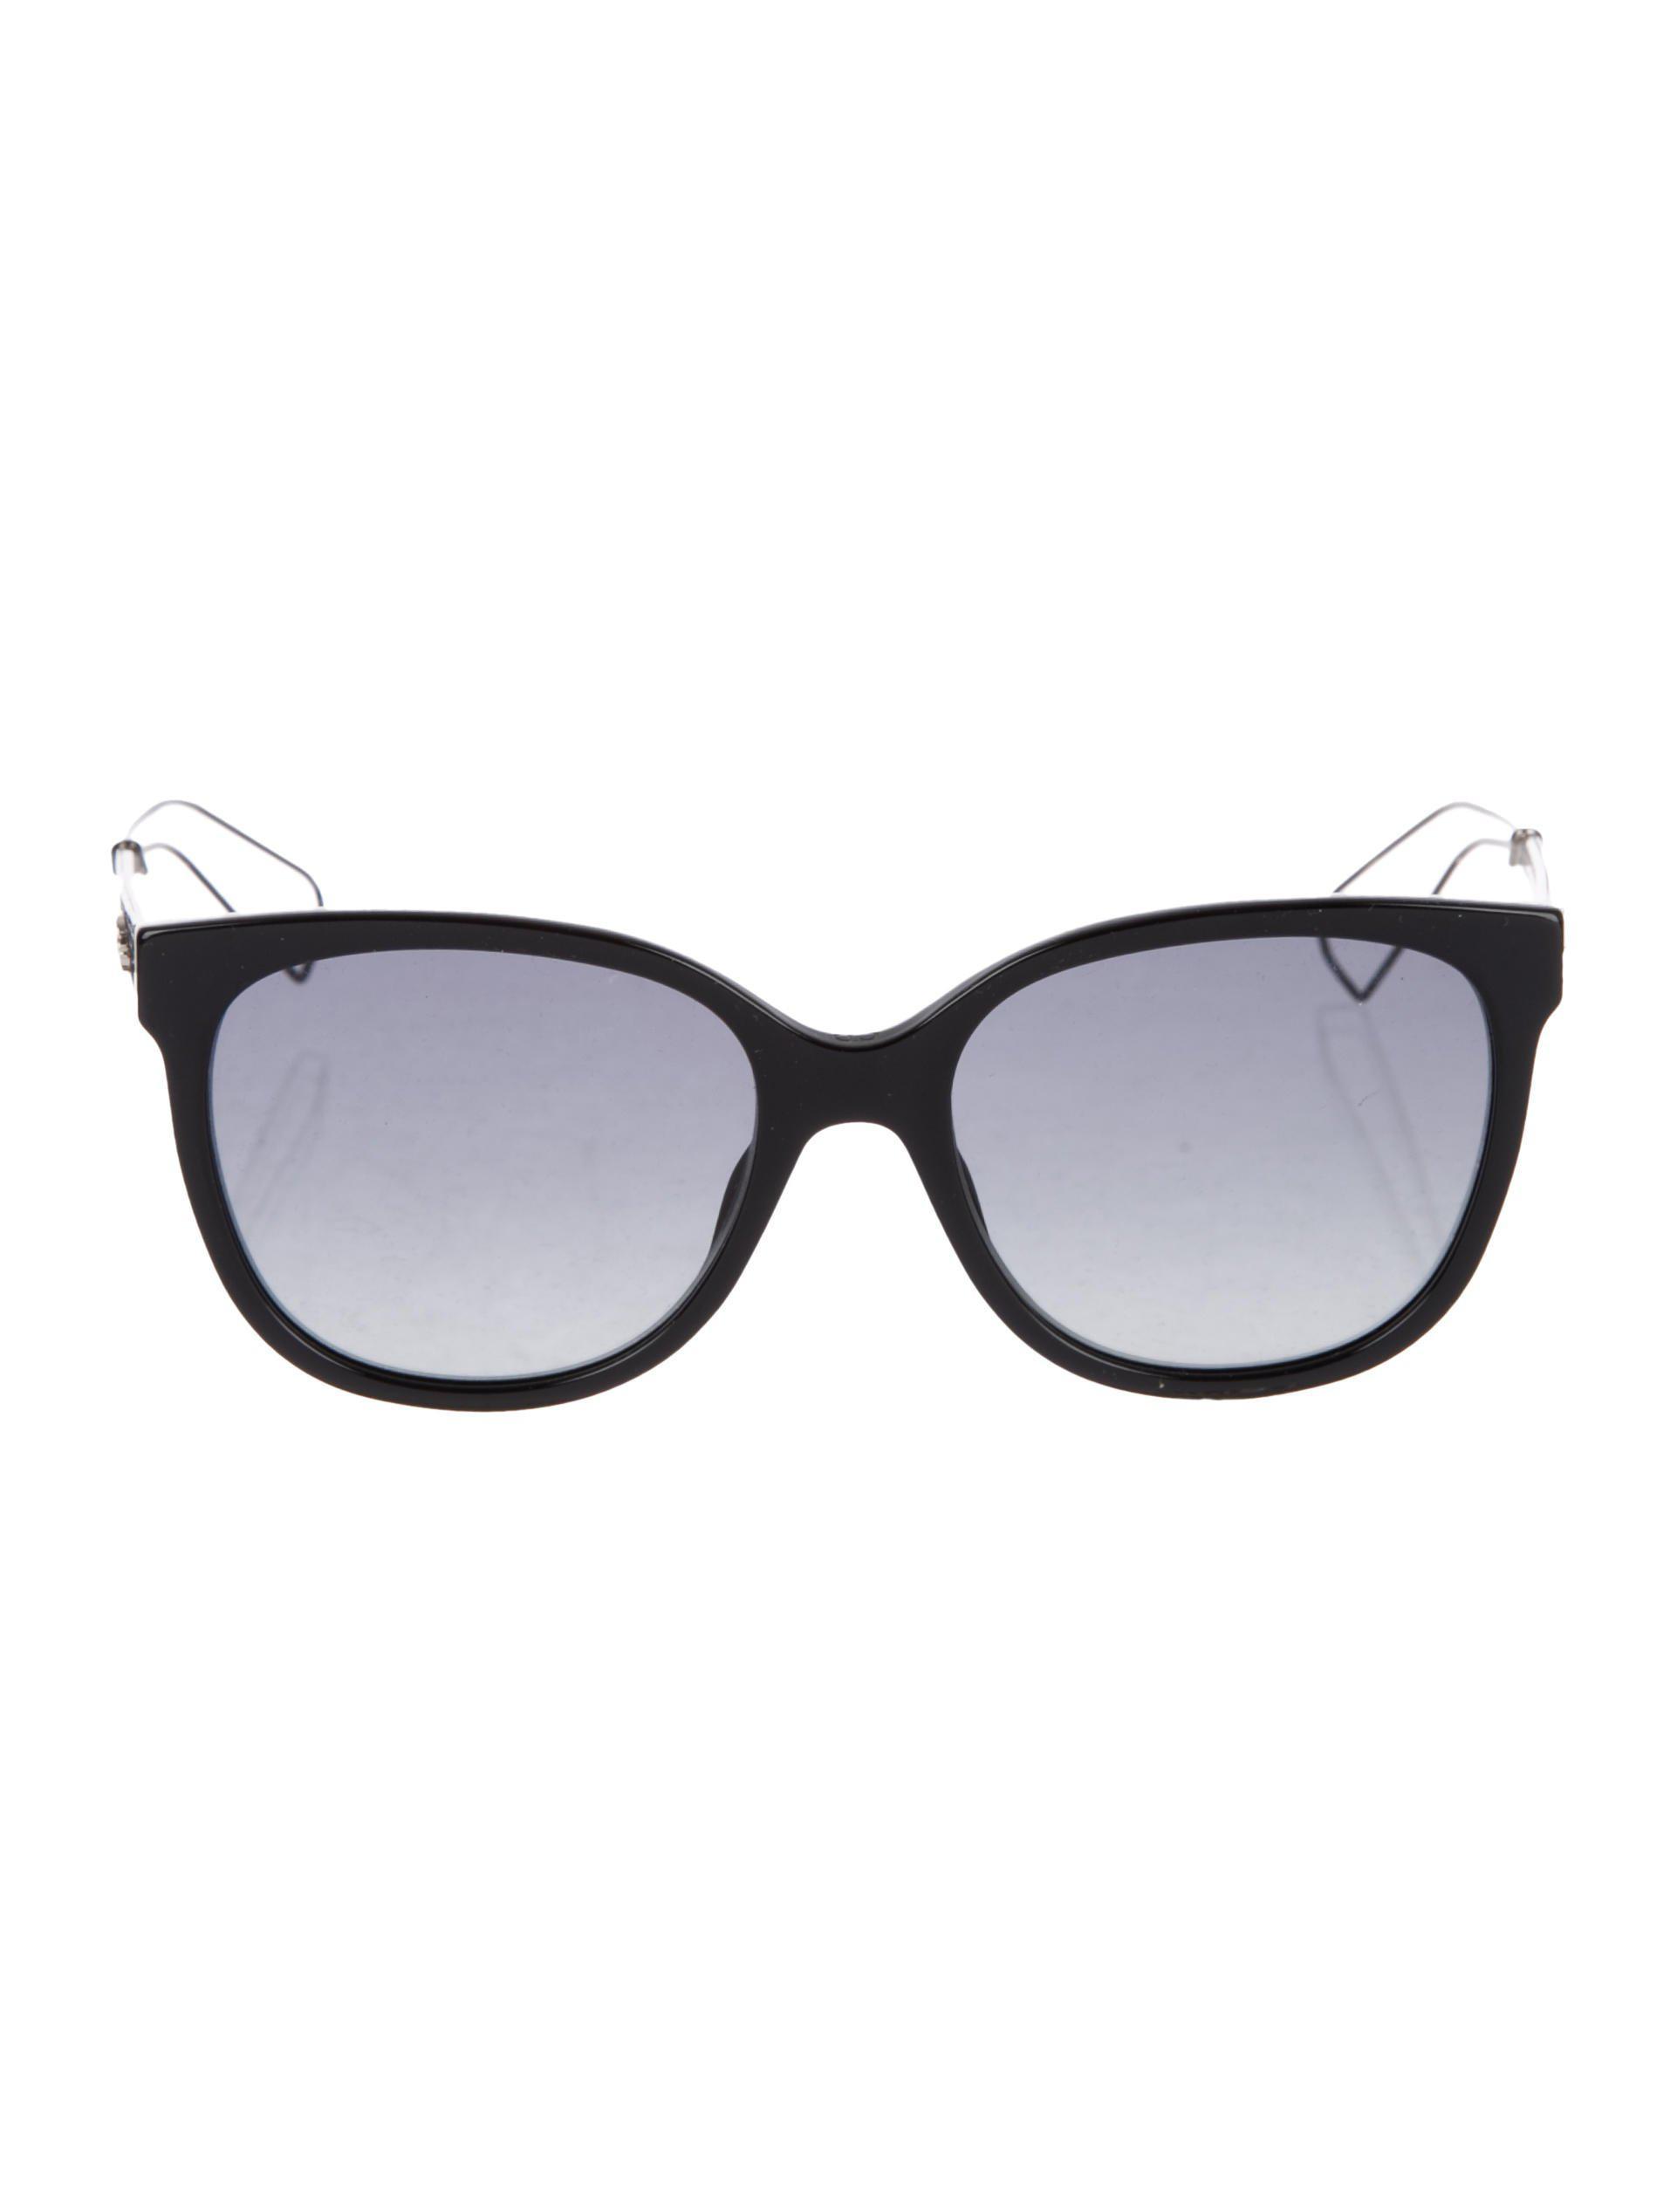 f458fc258dd7 Lyst - Dior Diorama 3 Sunglasses in Black